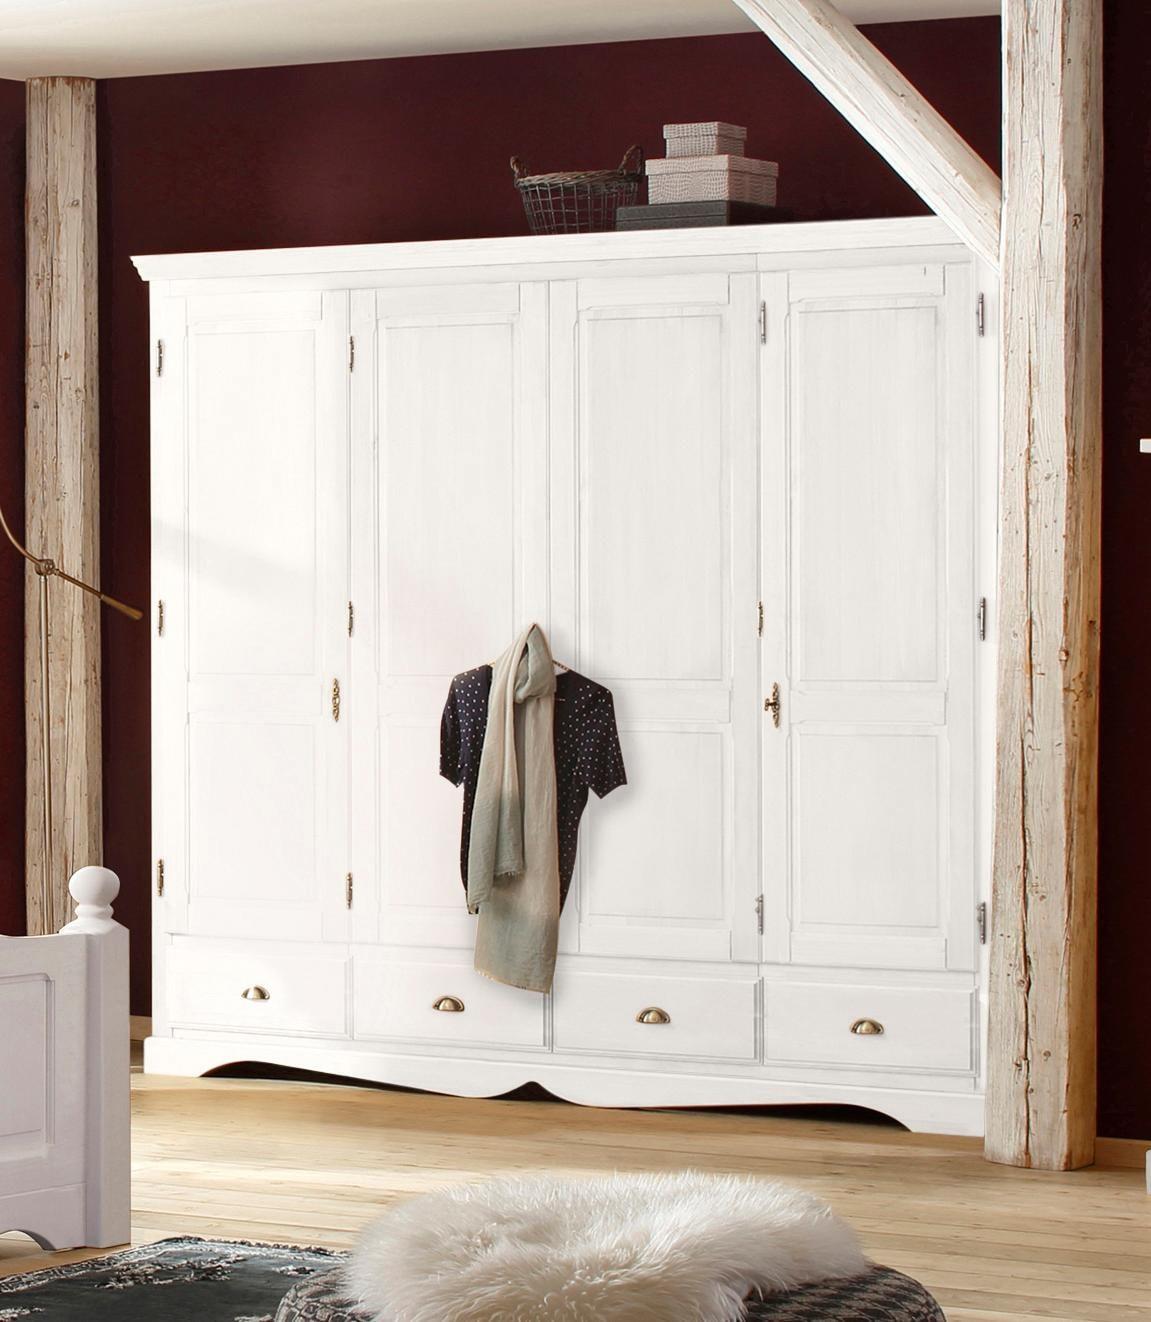 Home affaire Kleiderschrank Teo in vier verschiedenen Breiten und zwei unterschiedlichen Farben